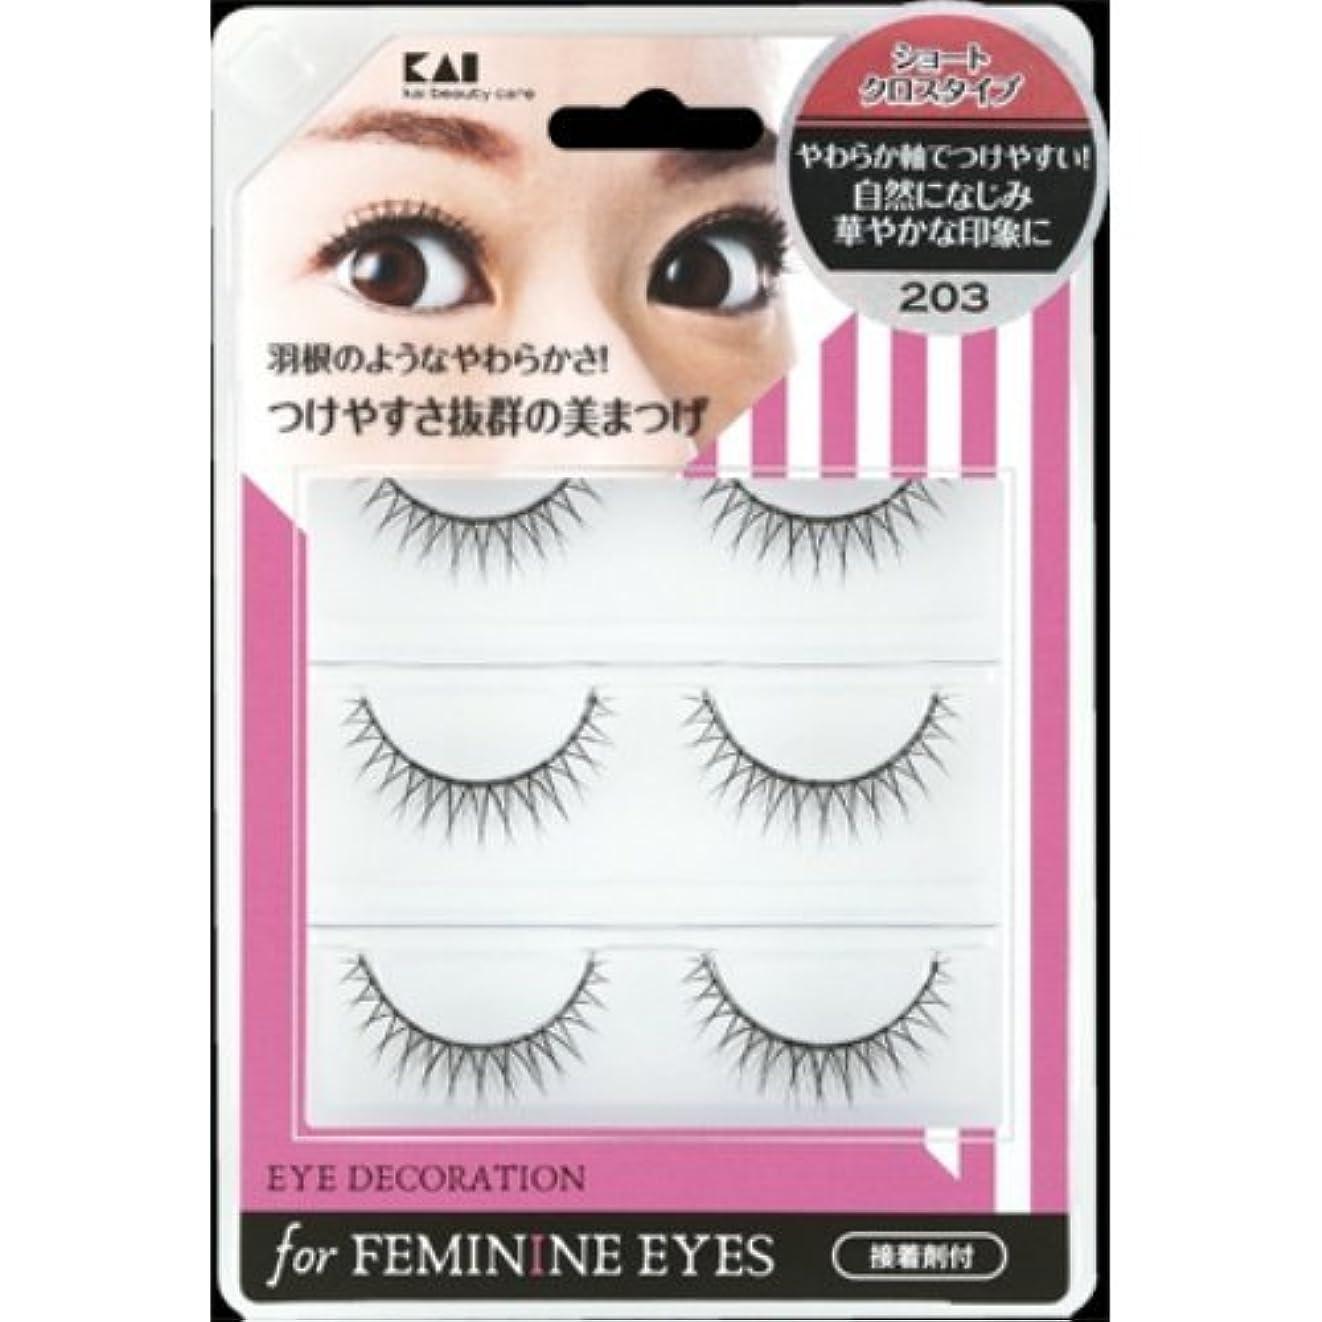 南極パール混沌貝印 アイデコレーション for feminine eyes 203 HC1560